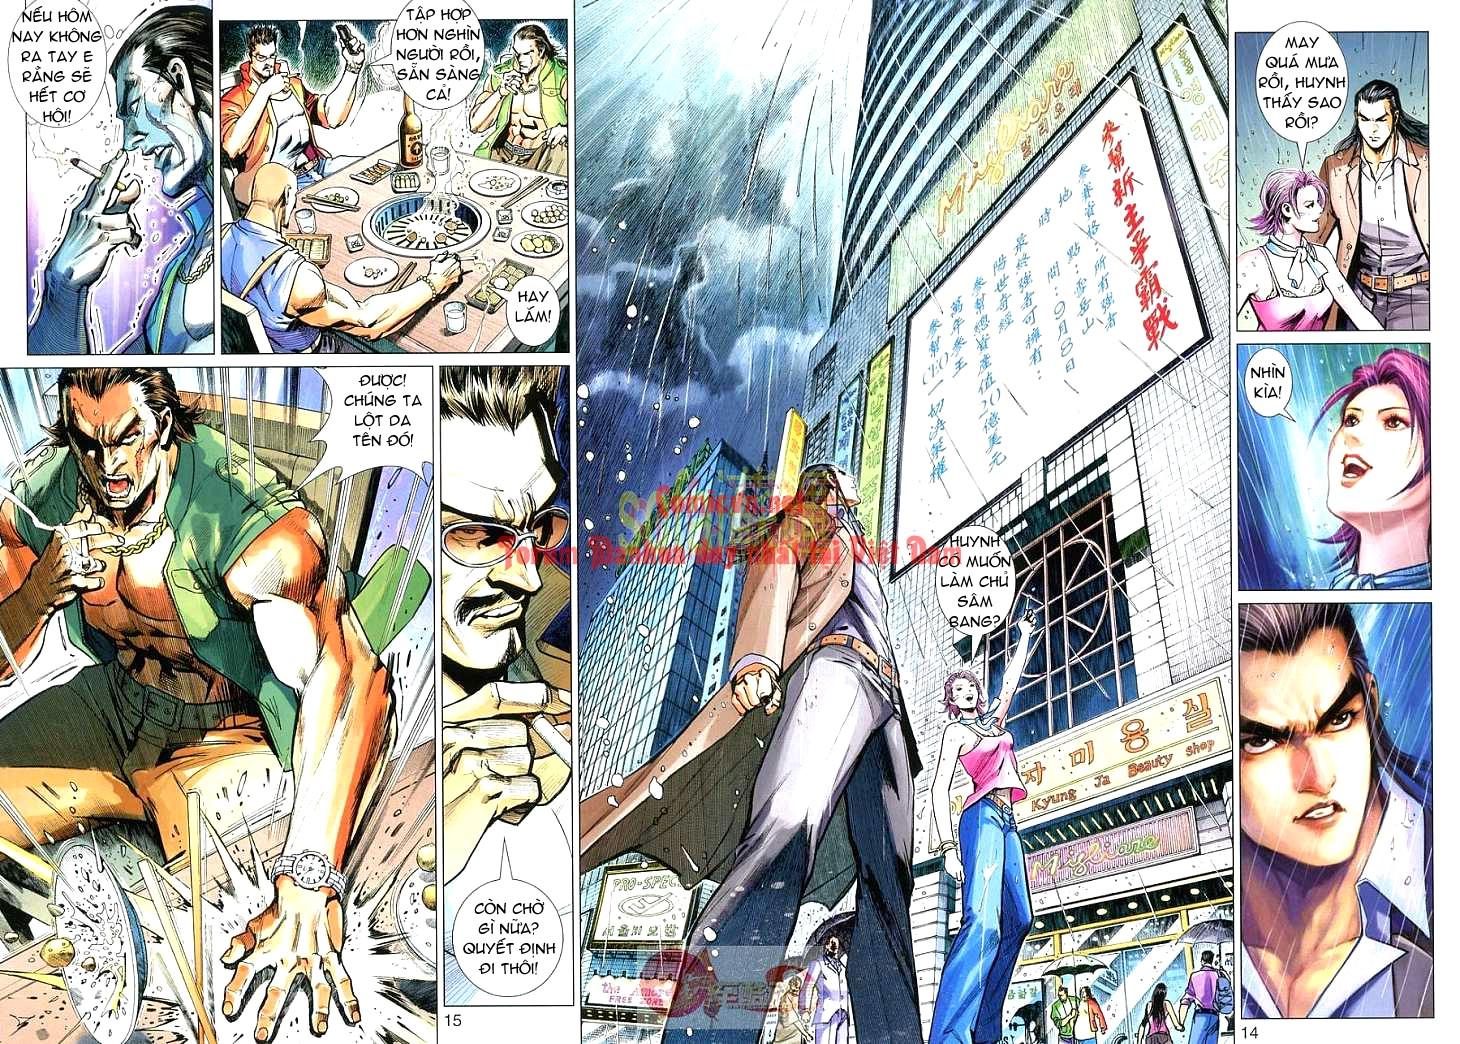 Vương Phong Lôi 1 chap 3 - Trang 14